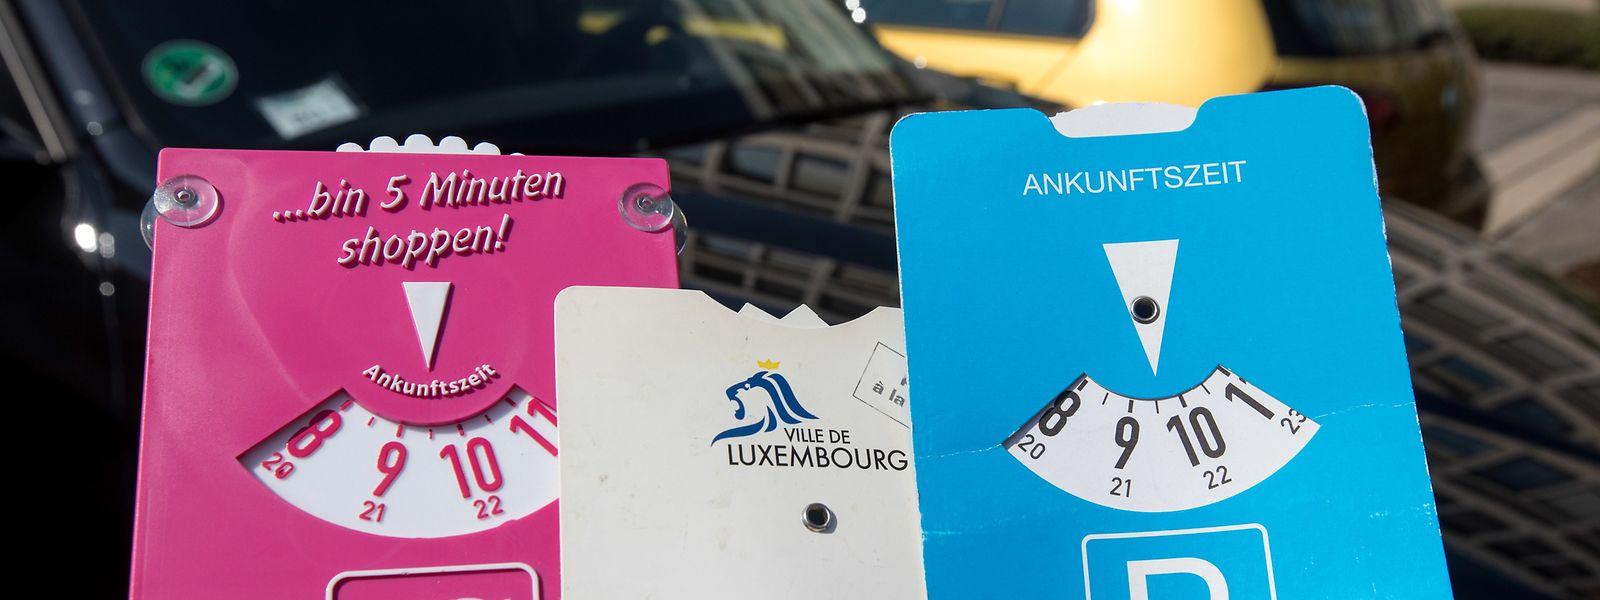 Neben der bekannten blauen, existiert in einigen Gemeinden auch eine gültige weiße Variante der Scheibe. Der rosarote Shoppingverweis ist als Schutz vor Strafzetteln hingegen untauglich.